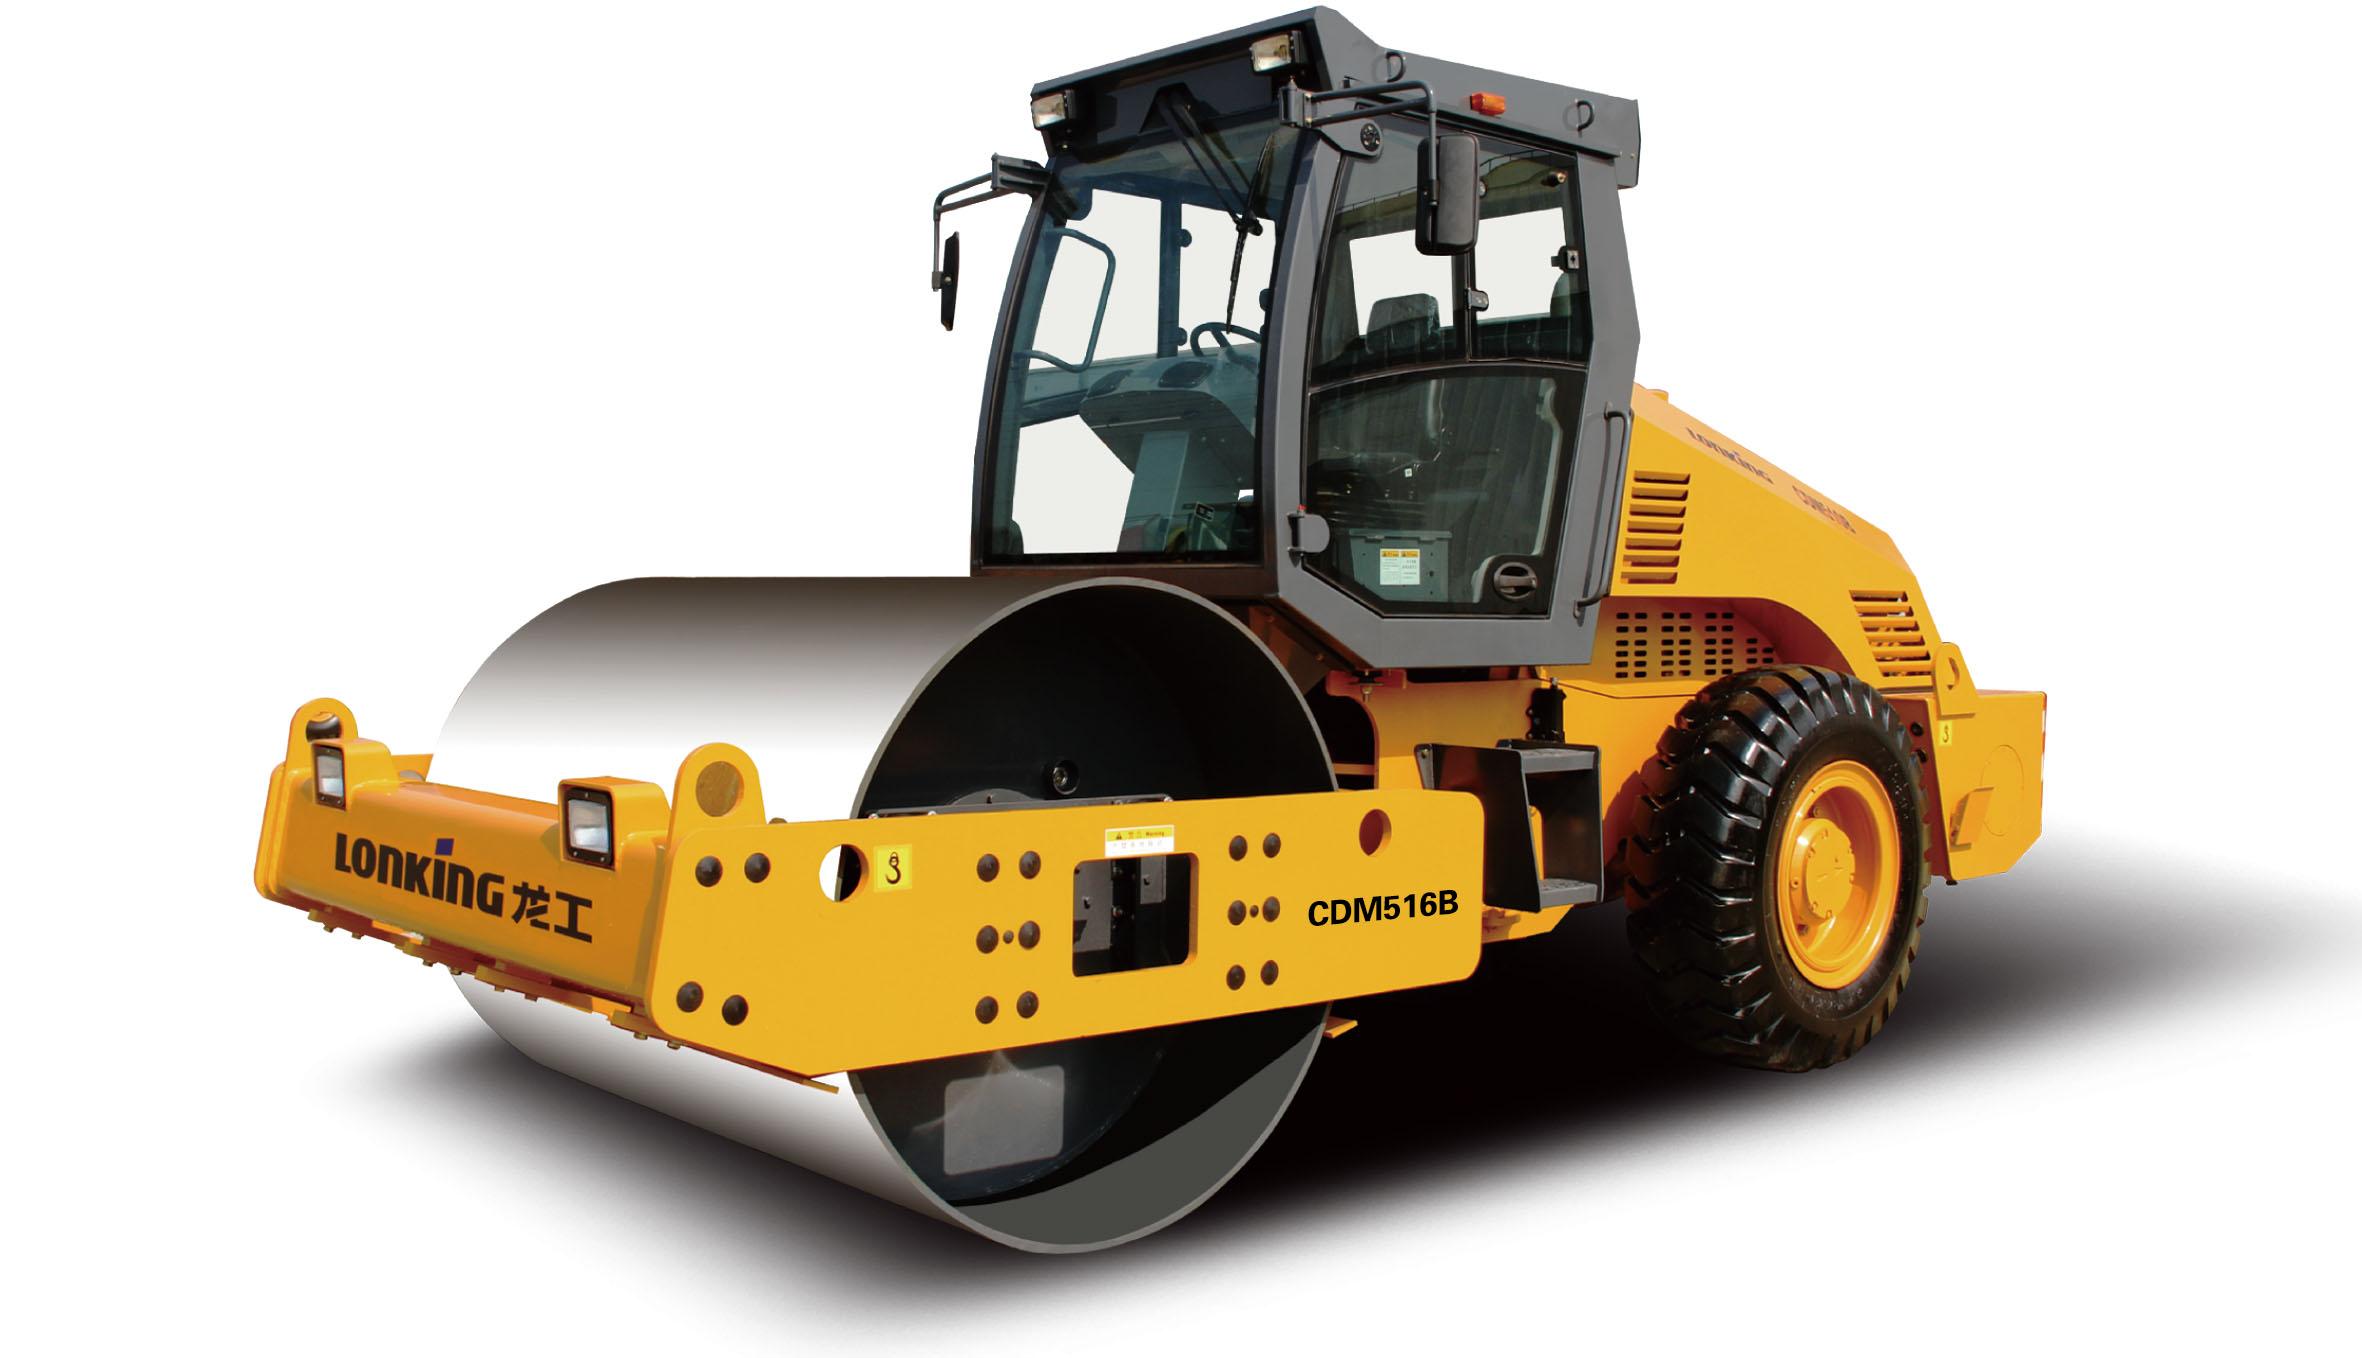 CDM516B